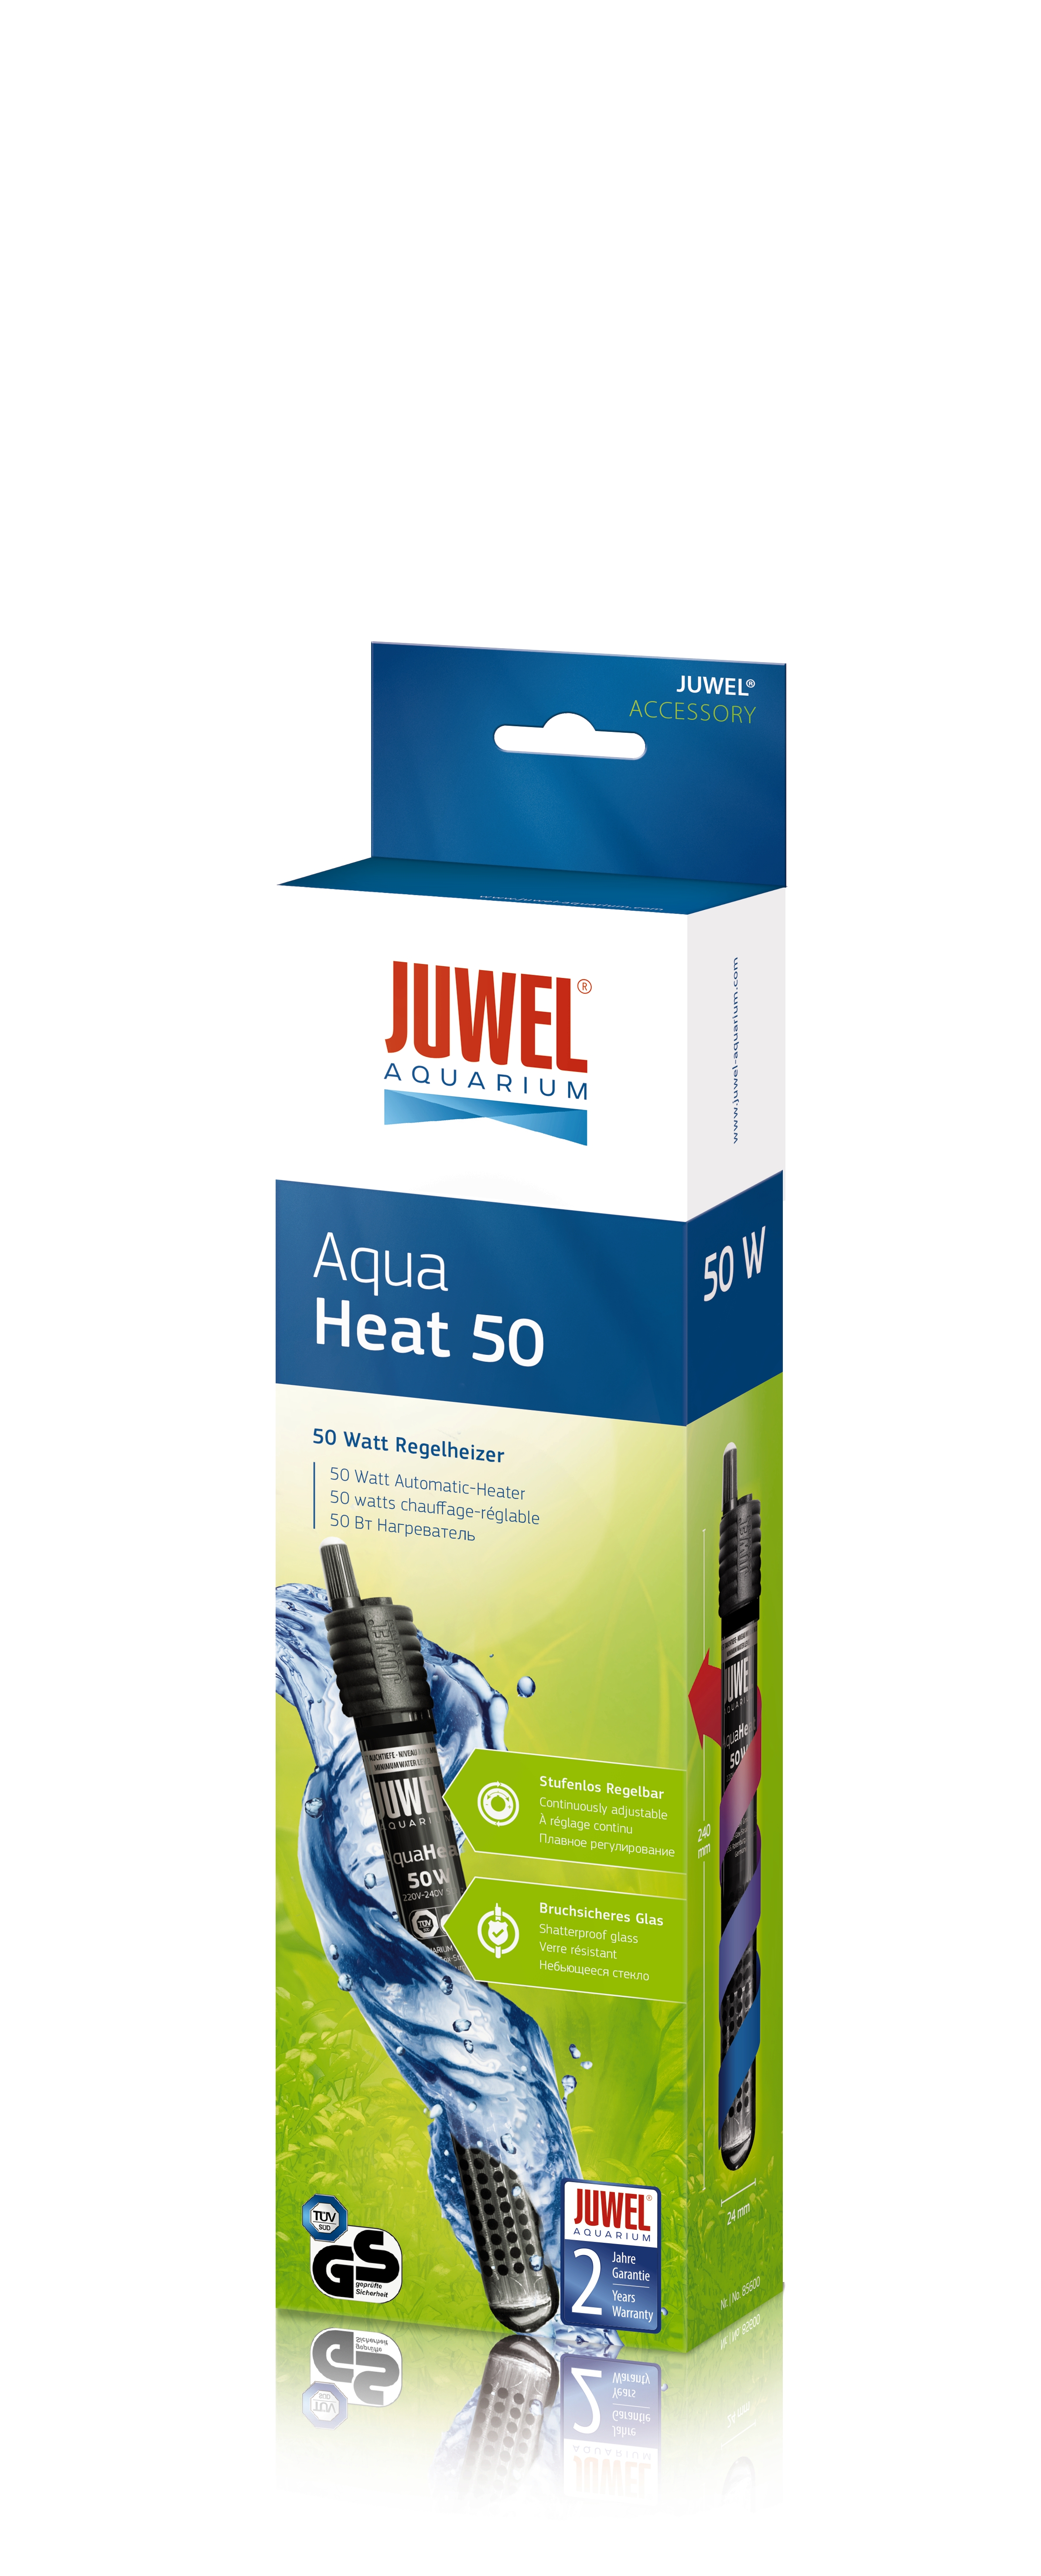 Juwel Aqua Heat Regelheizer 50 W